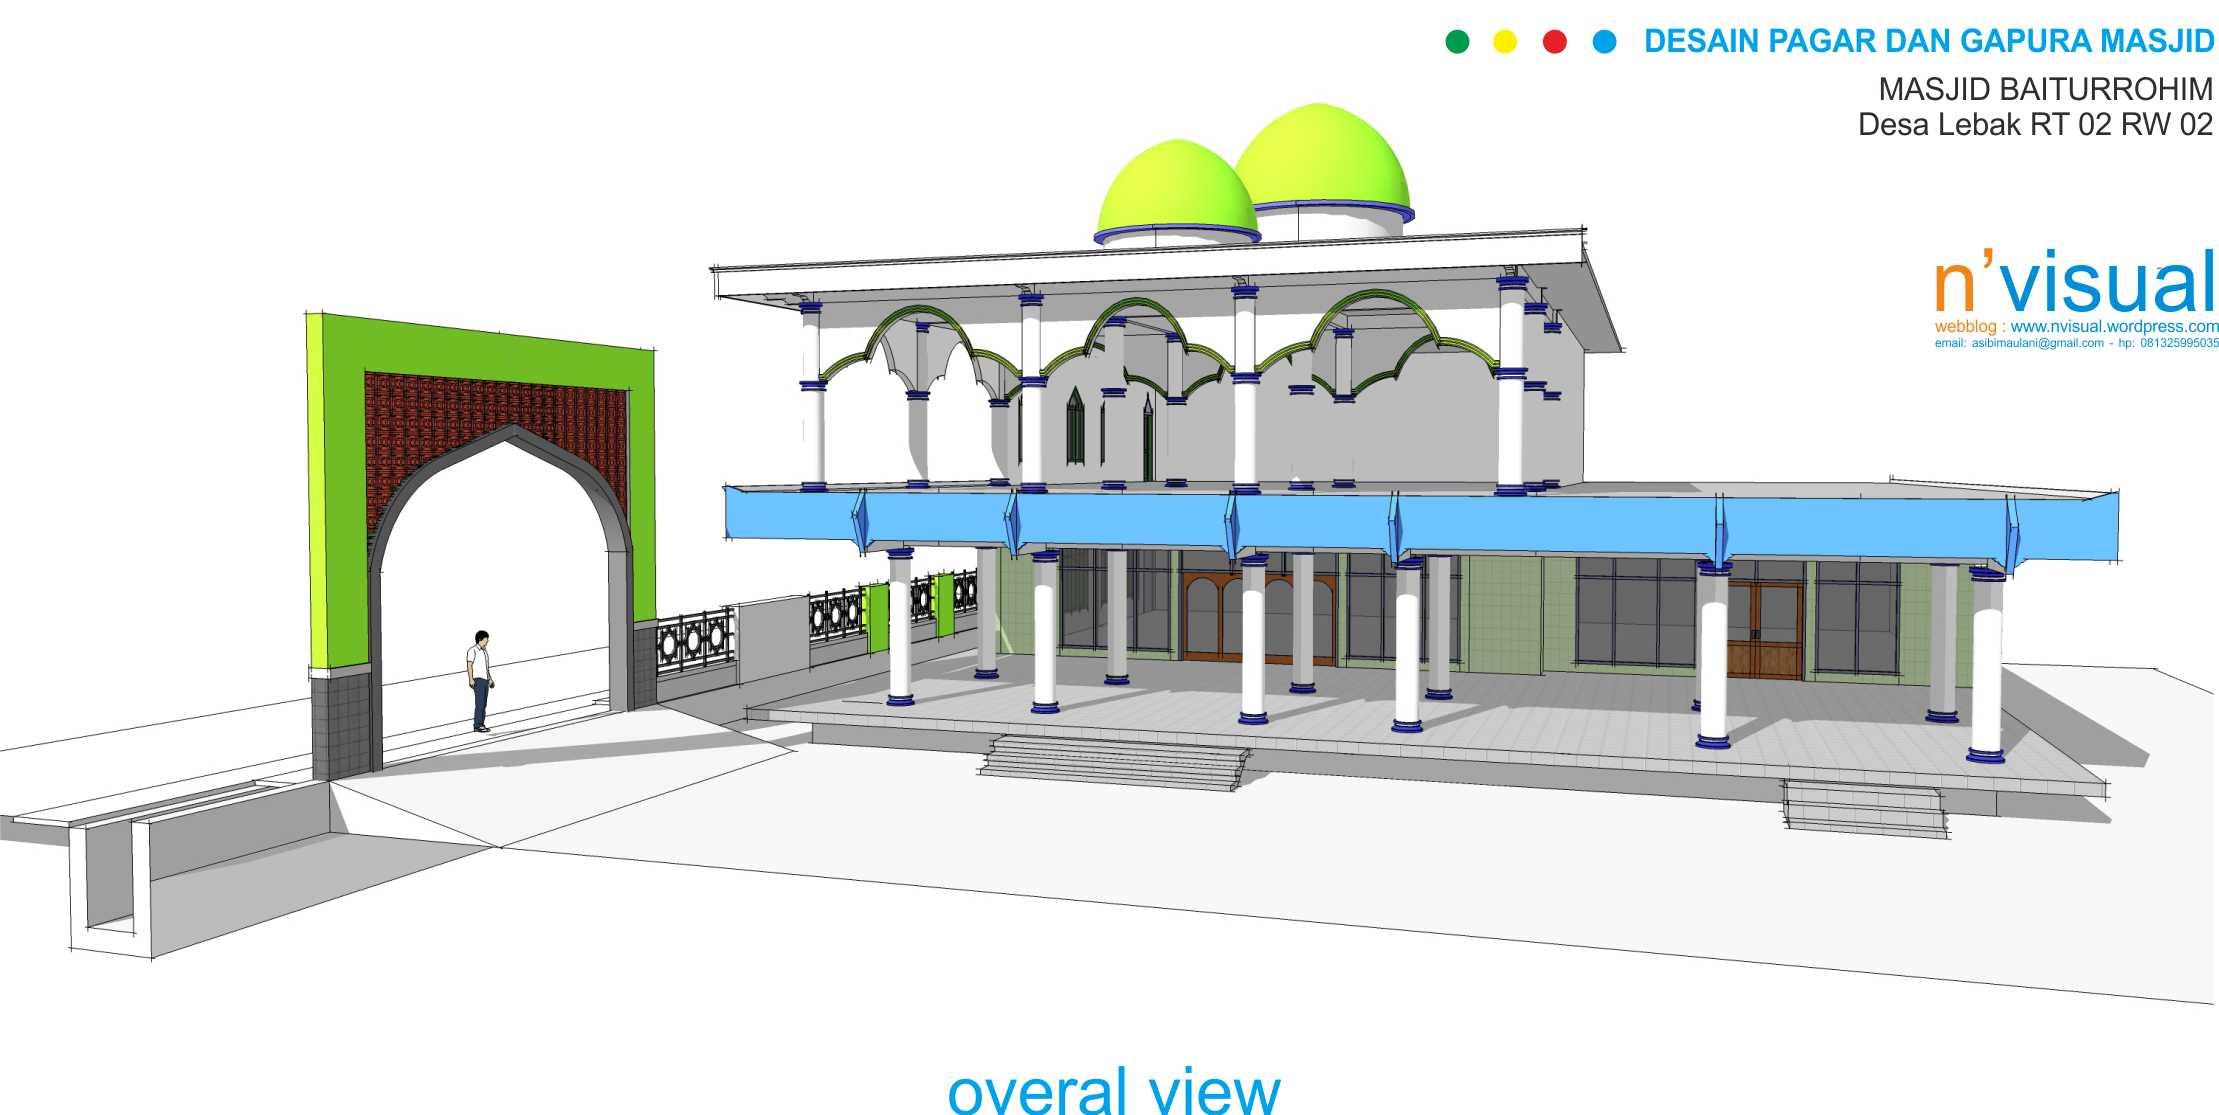 Pagar dan Gapura Masjid  Sketchs Blog